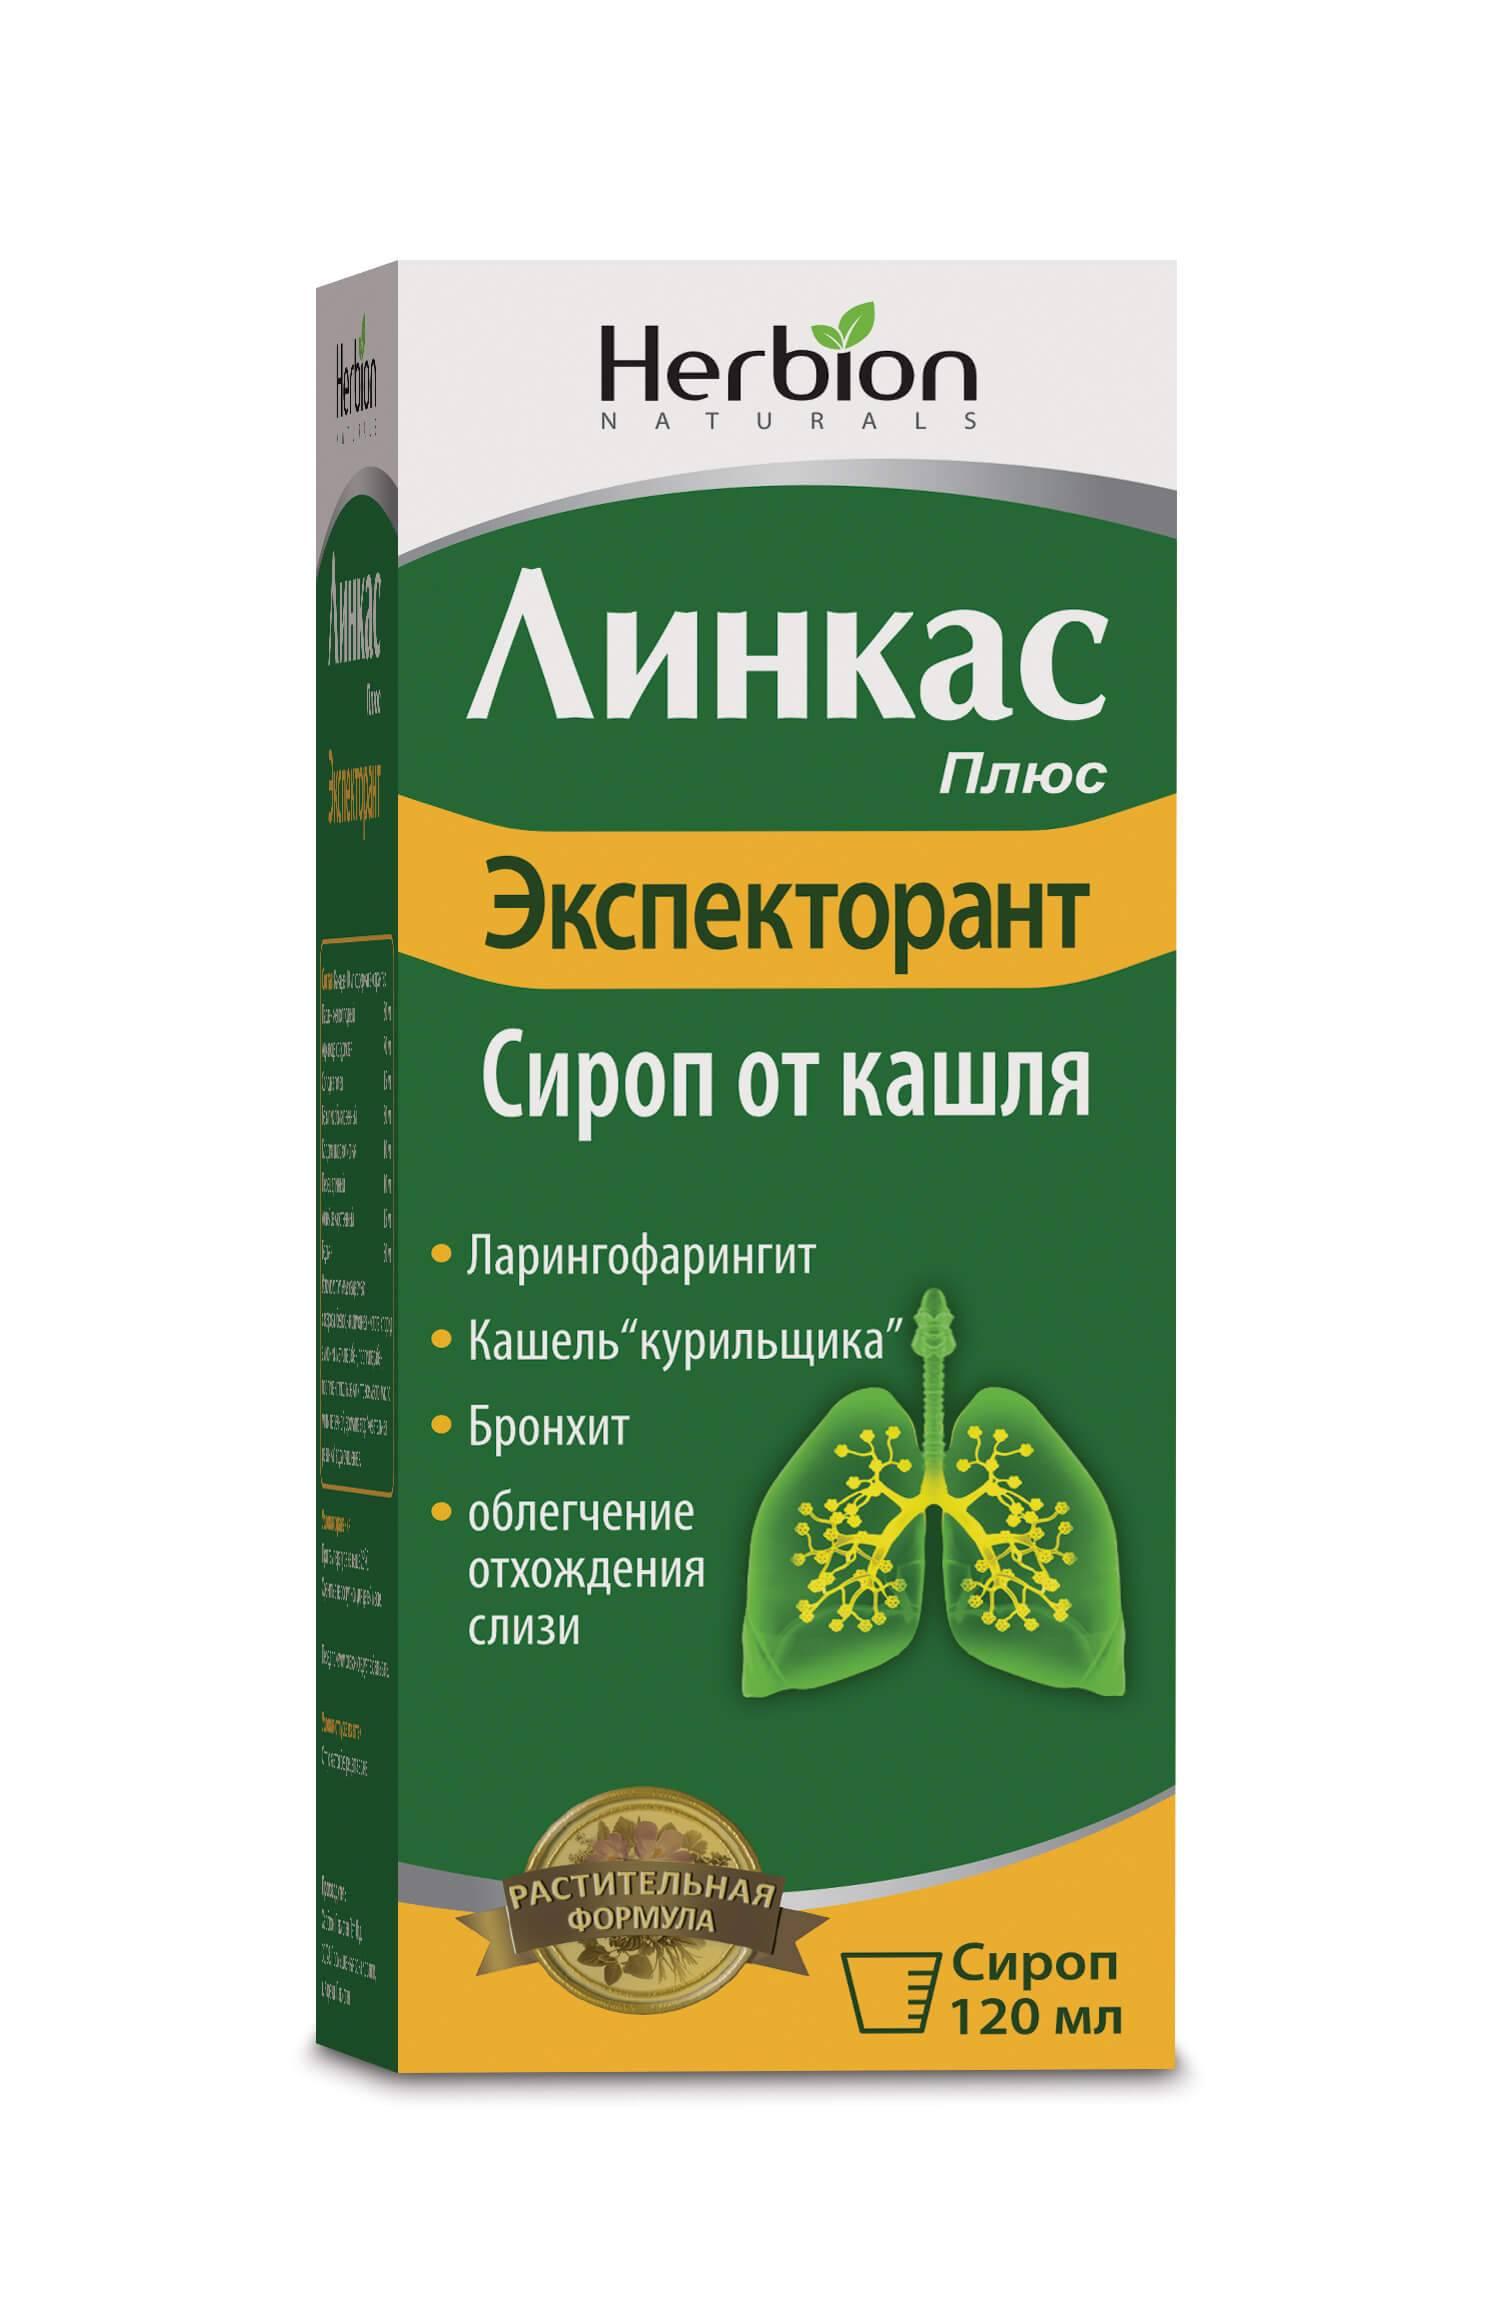 сироп от кашля курильщика